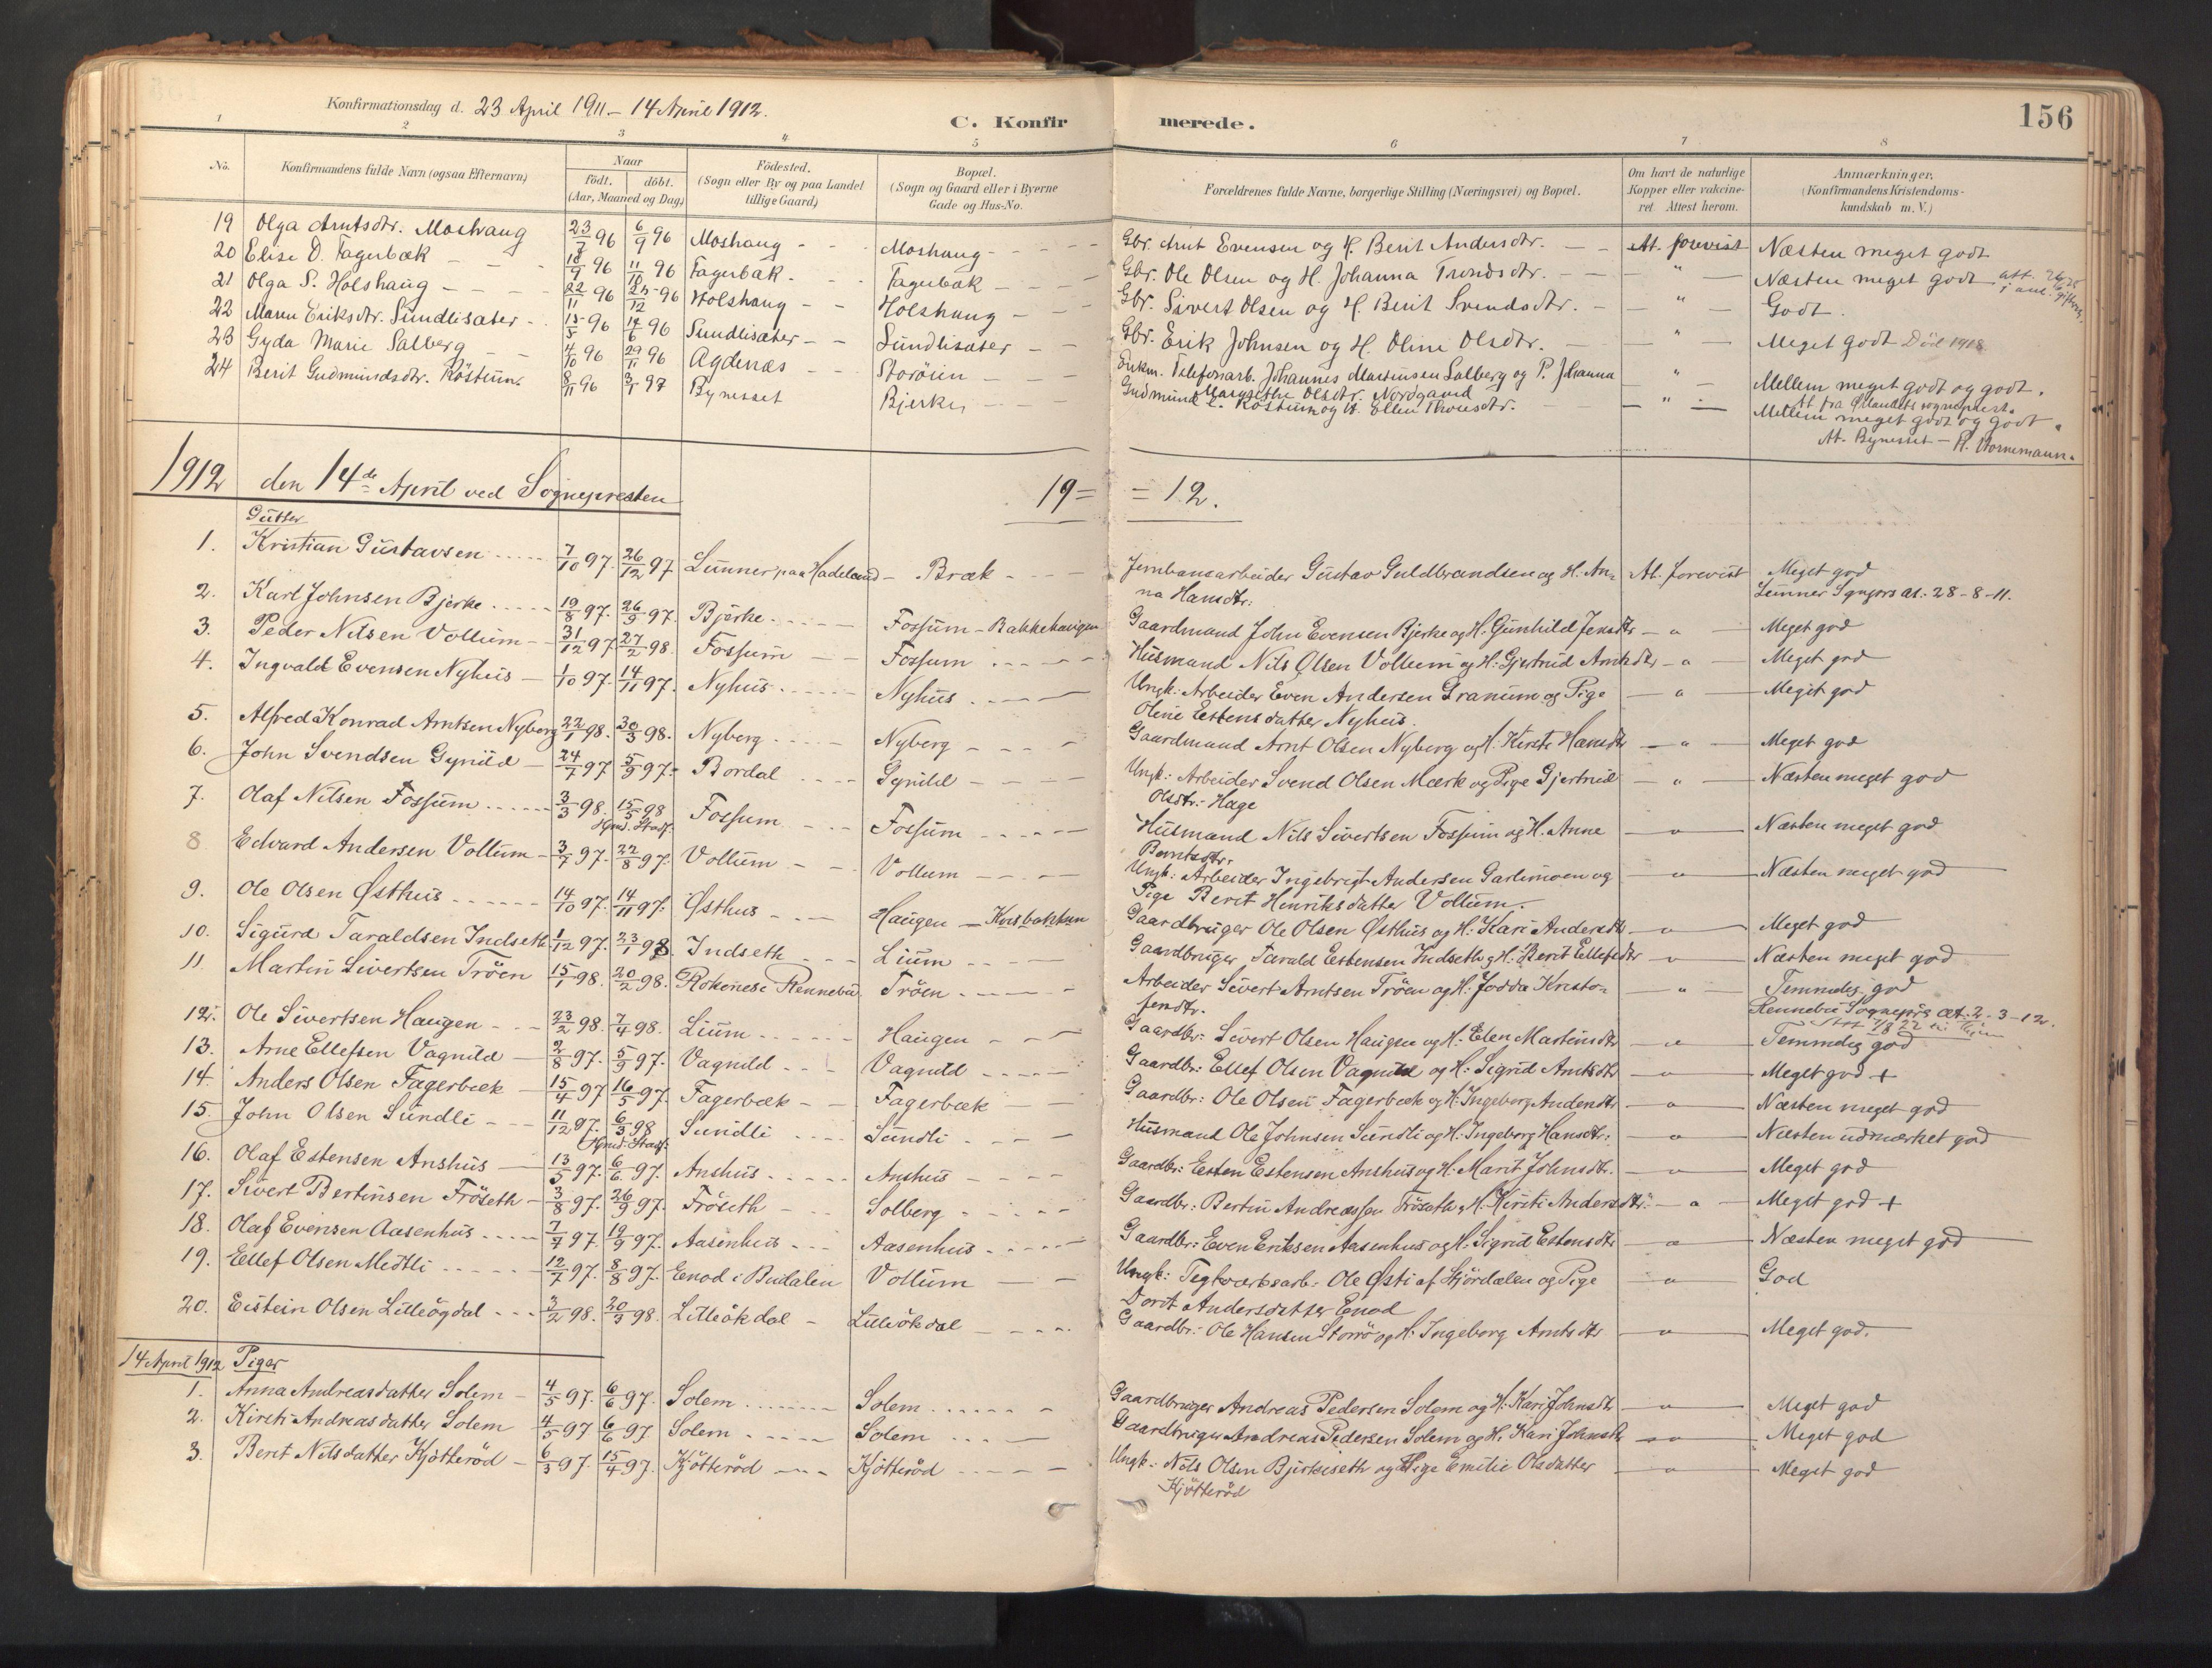 SAT, Ministerialprotokoller, klokkerbøker og fødselsregistre - Sør-Trøndelag, 689/L1041: Ministerialbok nr. 689A06, 1891-1923, s. 156